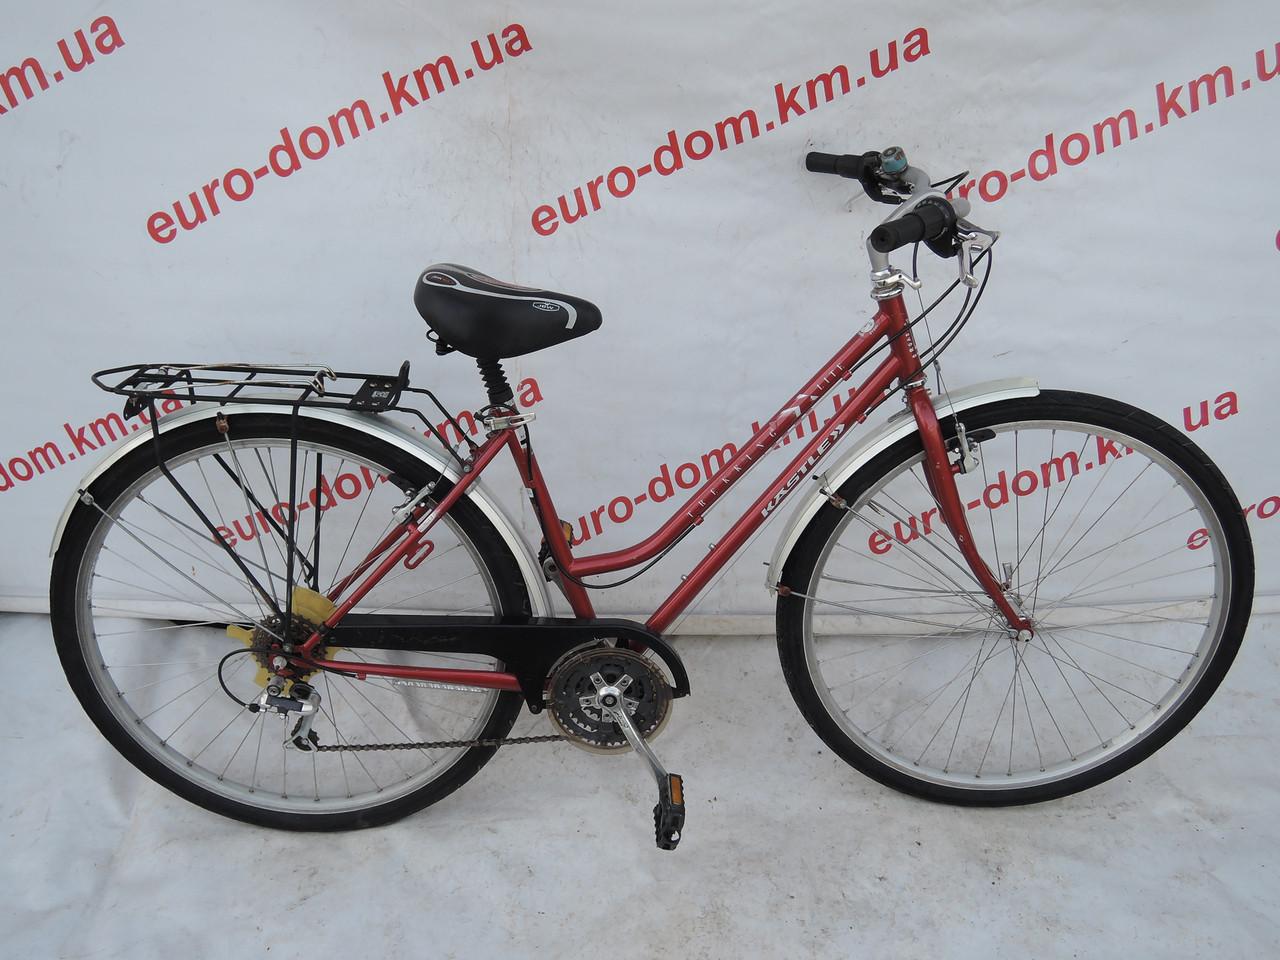 Городской велосипед Kastle 28 колеса 21 скорость